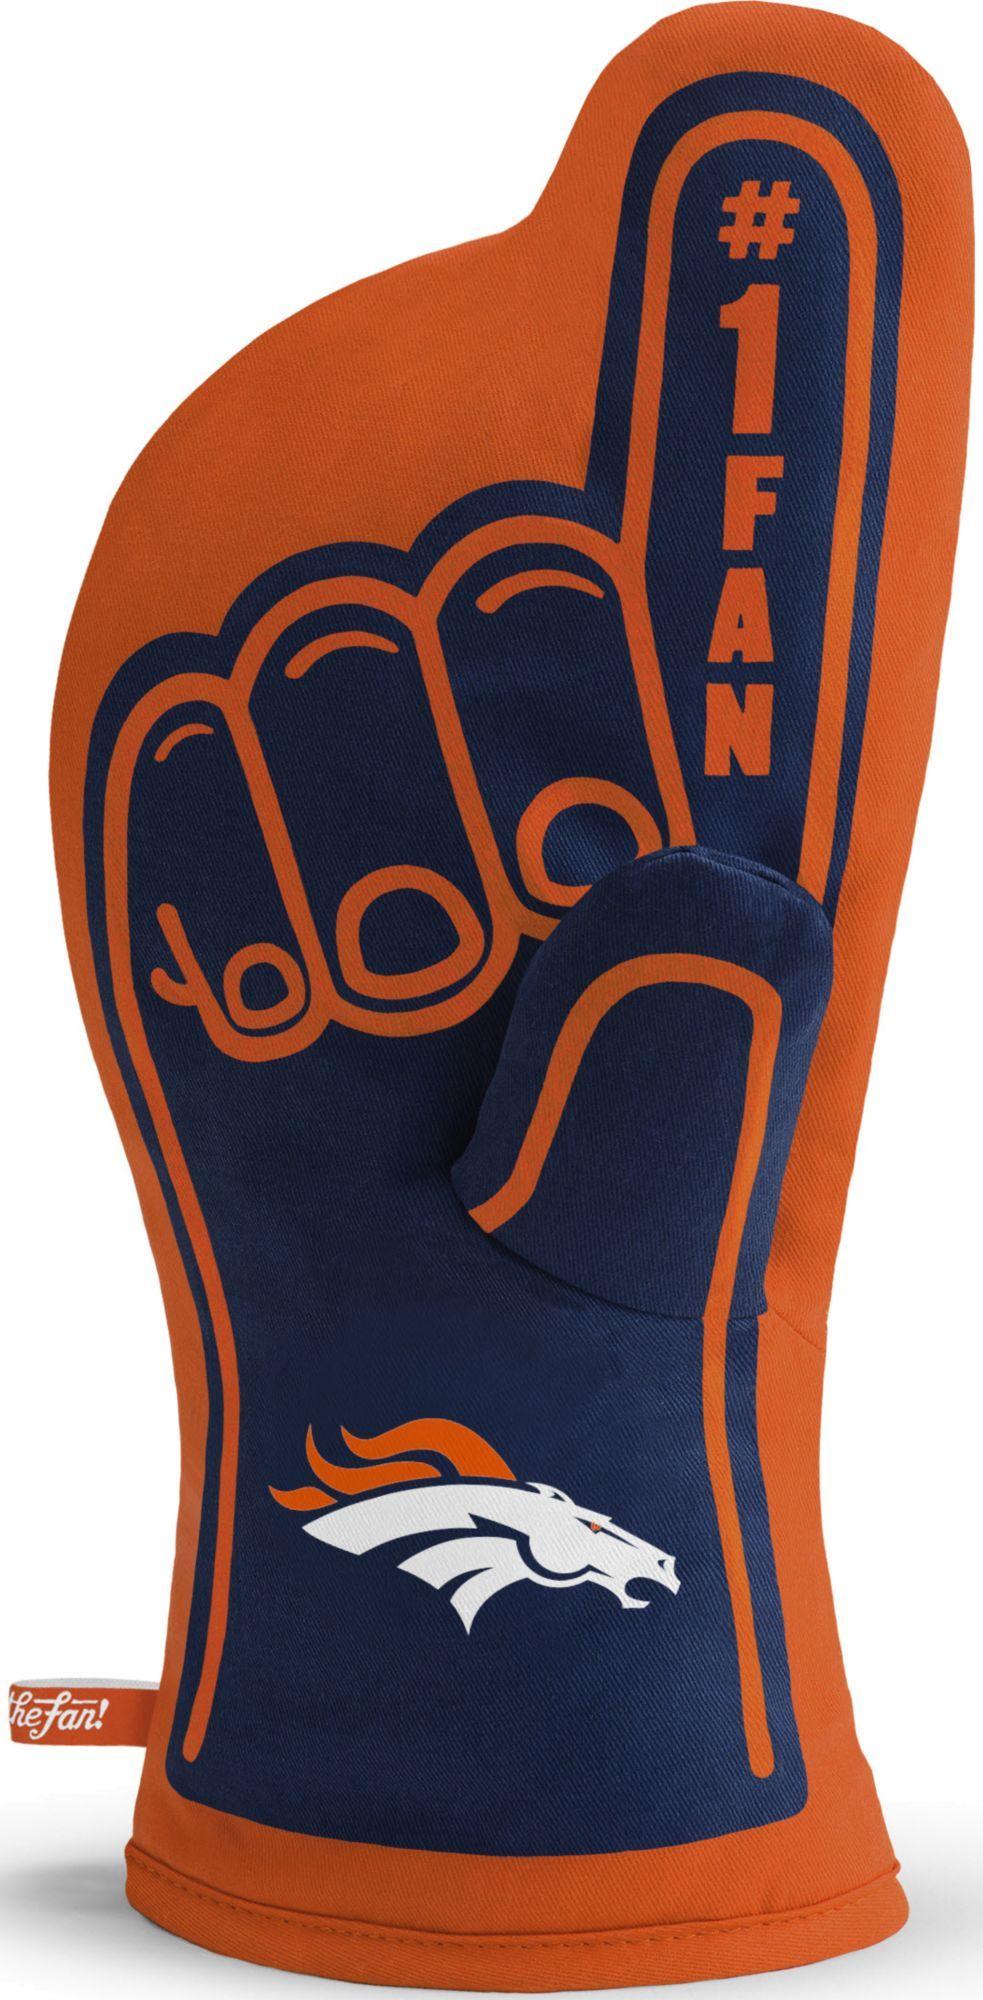 You The Fan Denver Broncos 1 Oven Mitt Broncos, Denver